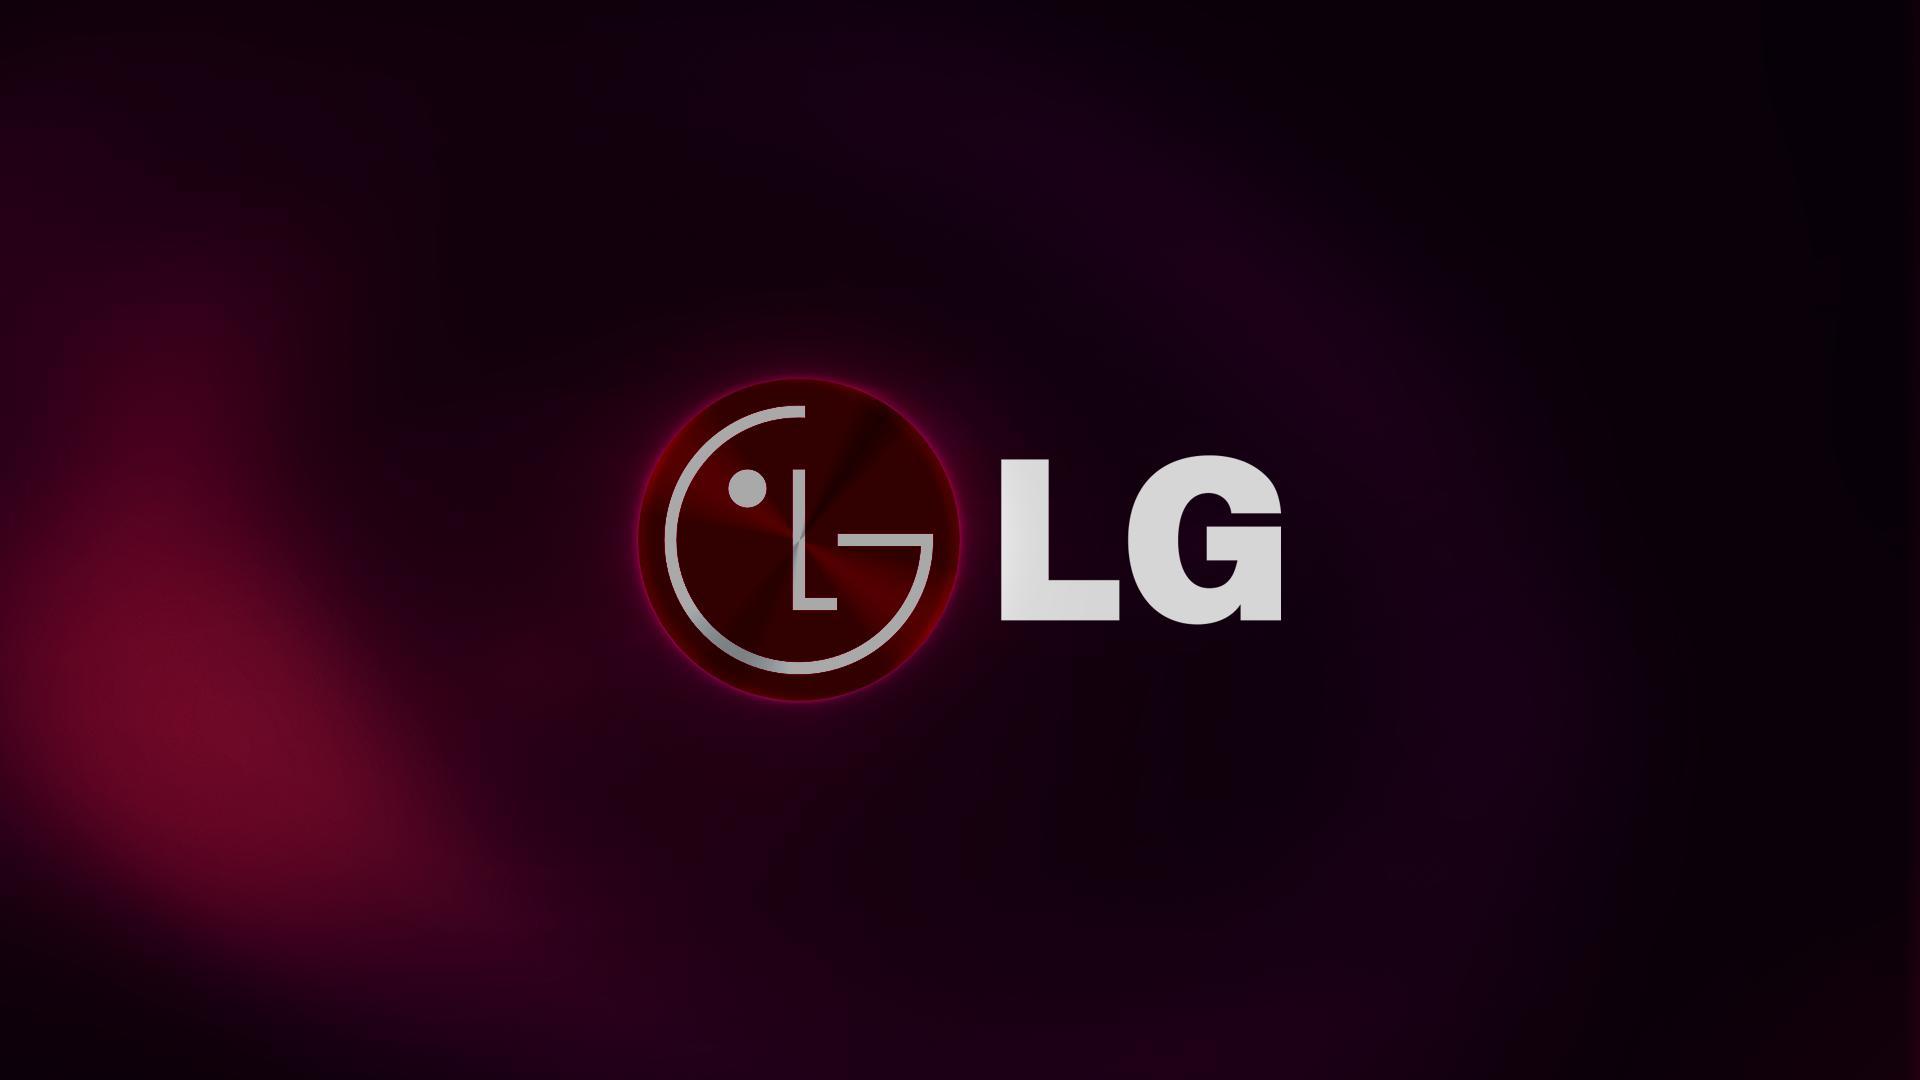 Estas são as imagens vazadas do possível LG G6